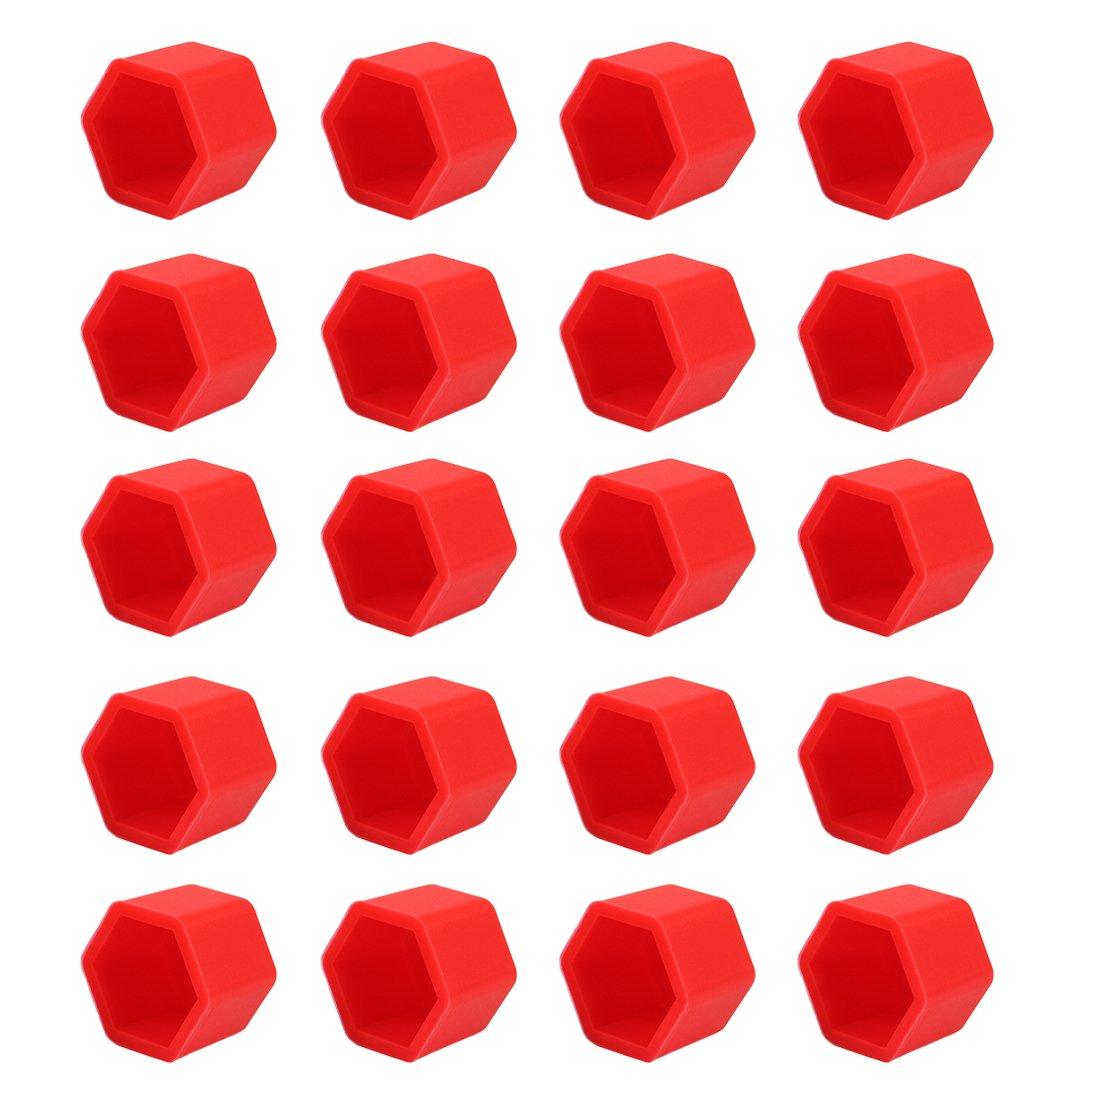 Rojo, 19 mm Andux Zone Llantas de la Tuerca del tir/ón de la Rueda Cubiertas Luminosas del Perno del neum/ático del maleficio del silic/ón de la Noche 20 Piezas LSBHT-02